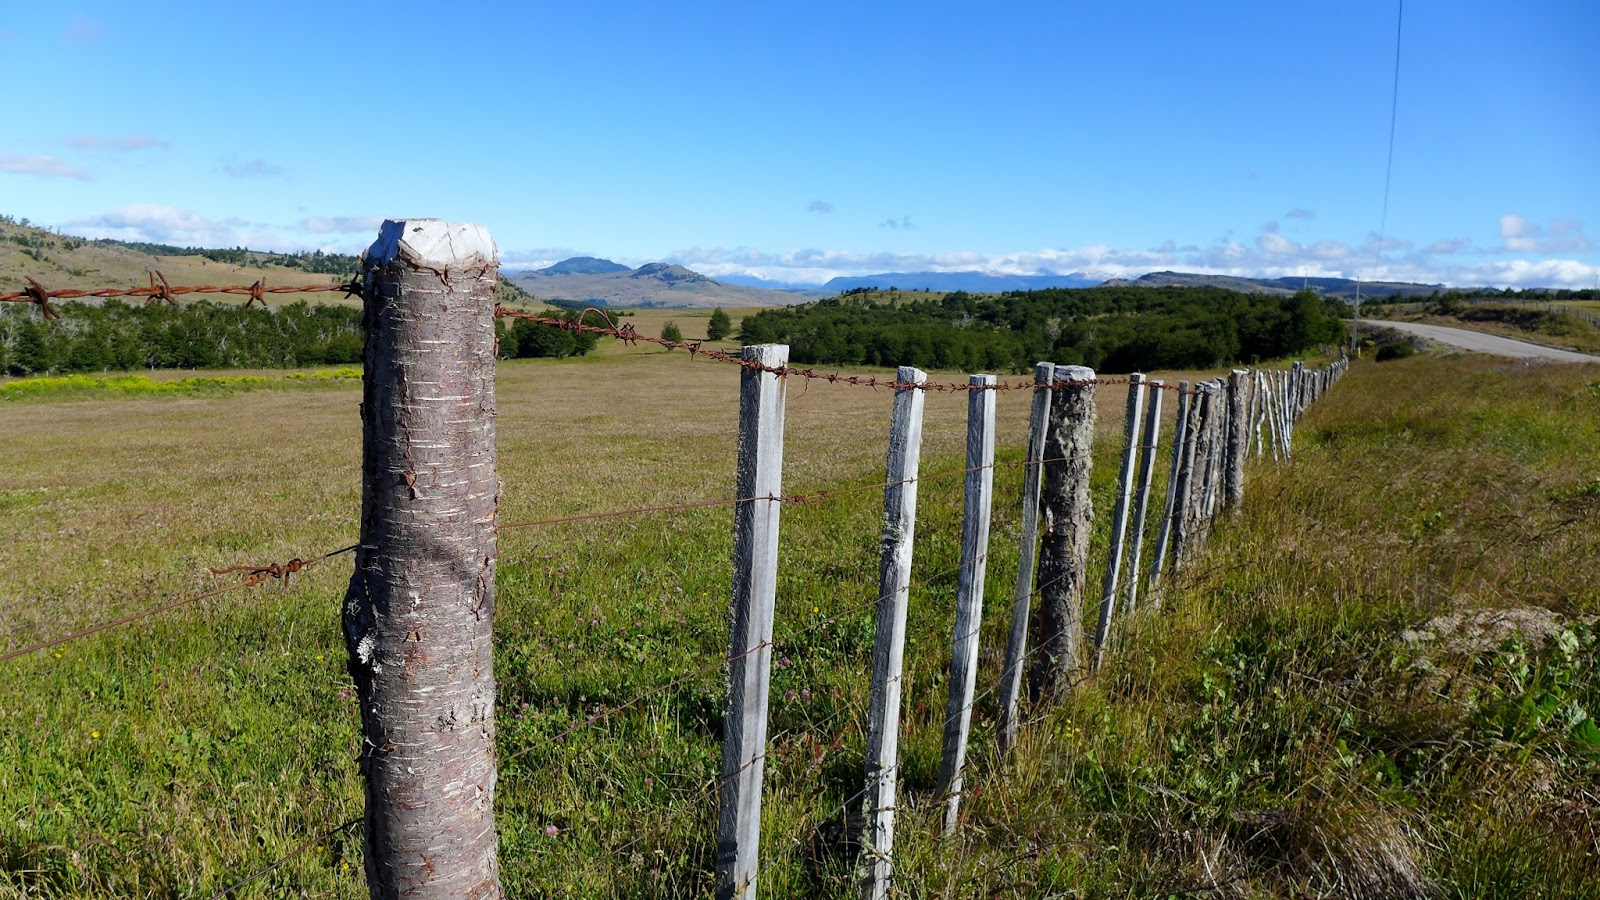 Patagonia y tierra del fuego 2014 4 lungo la caretera austral - Il sole alla finestra thomas ...